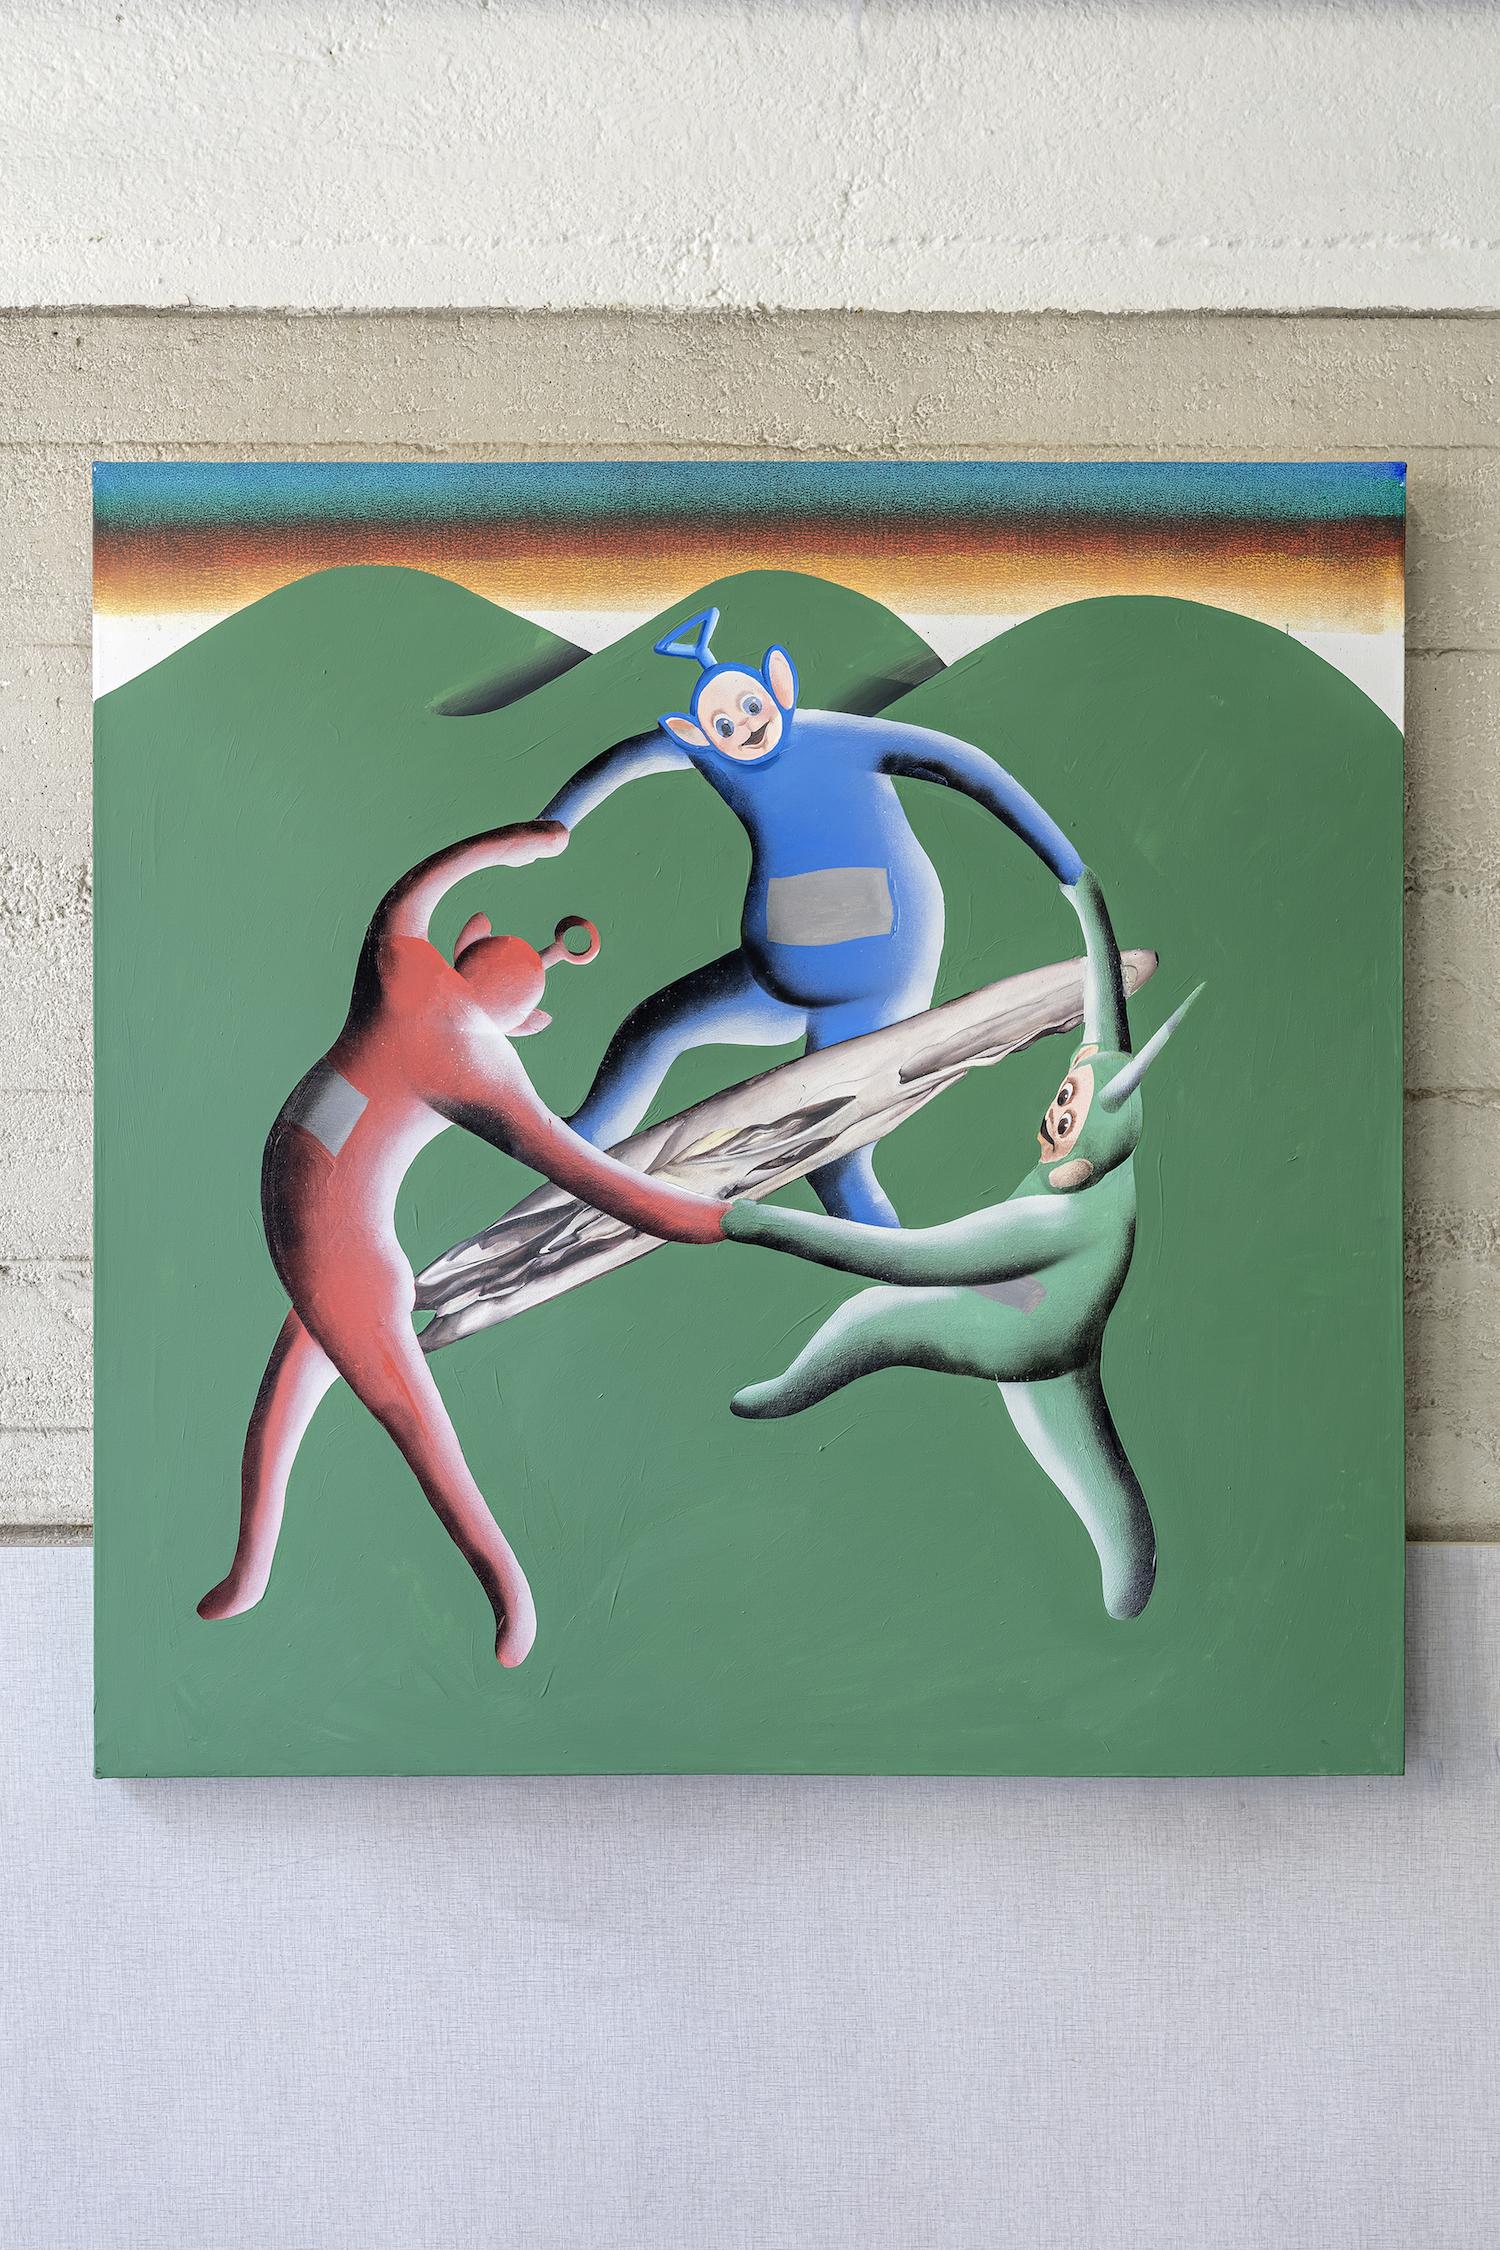 Botond Keresztesi Danse Macabre 2015, Acrylic on canvas, 100 x 100 cm